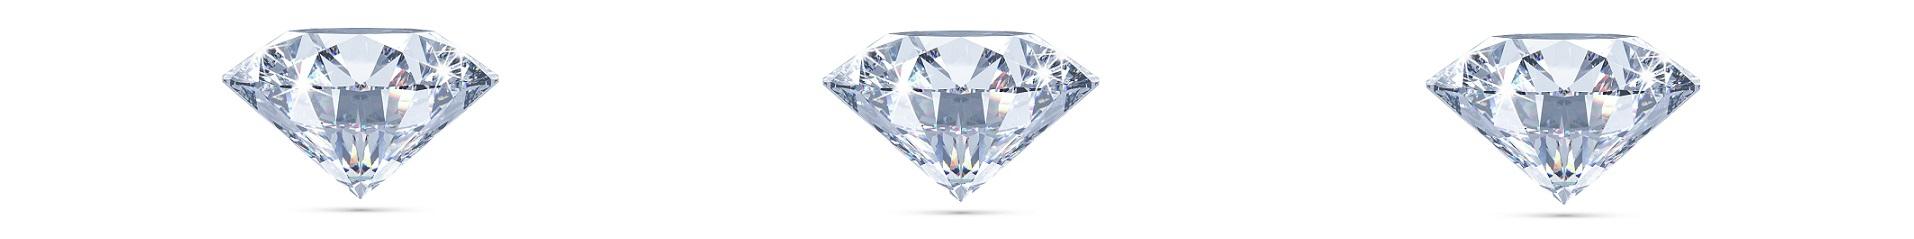 anillos de brillantes